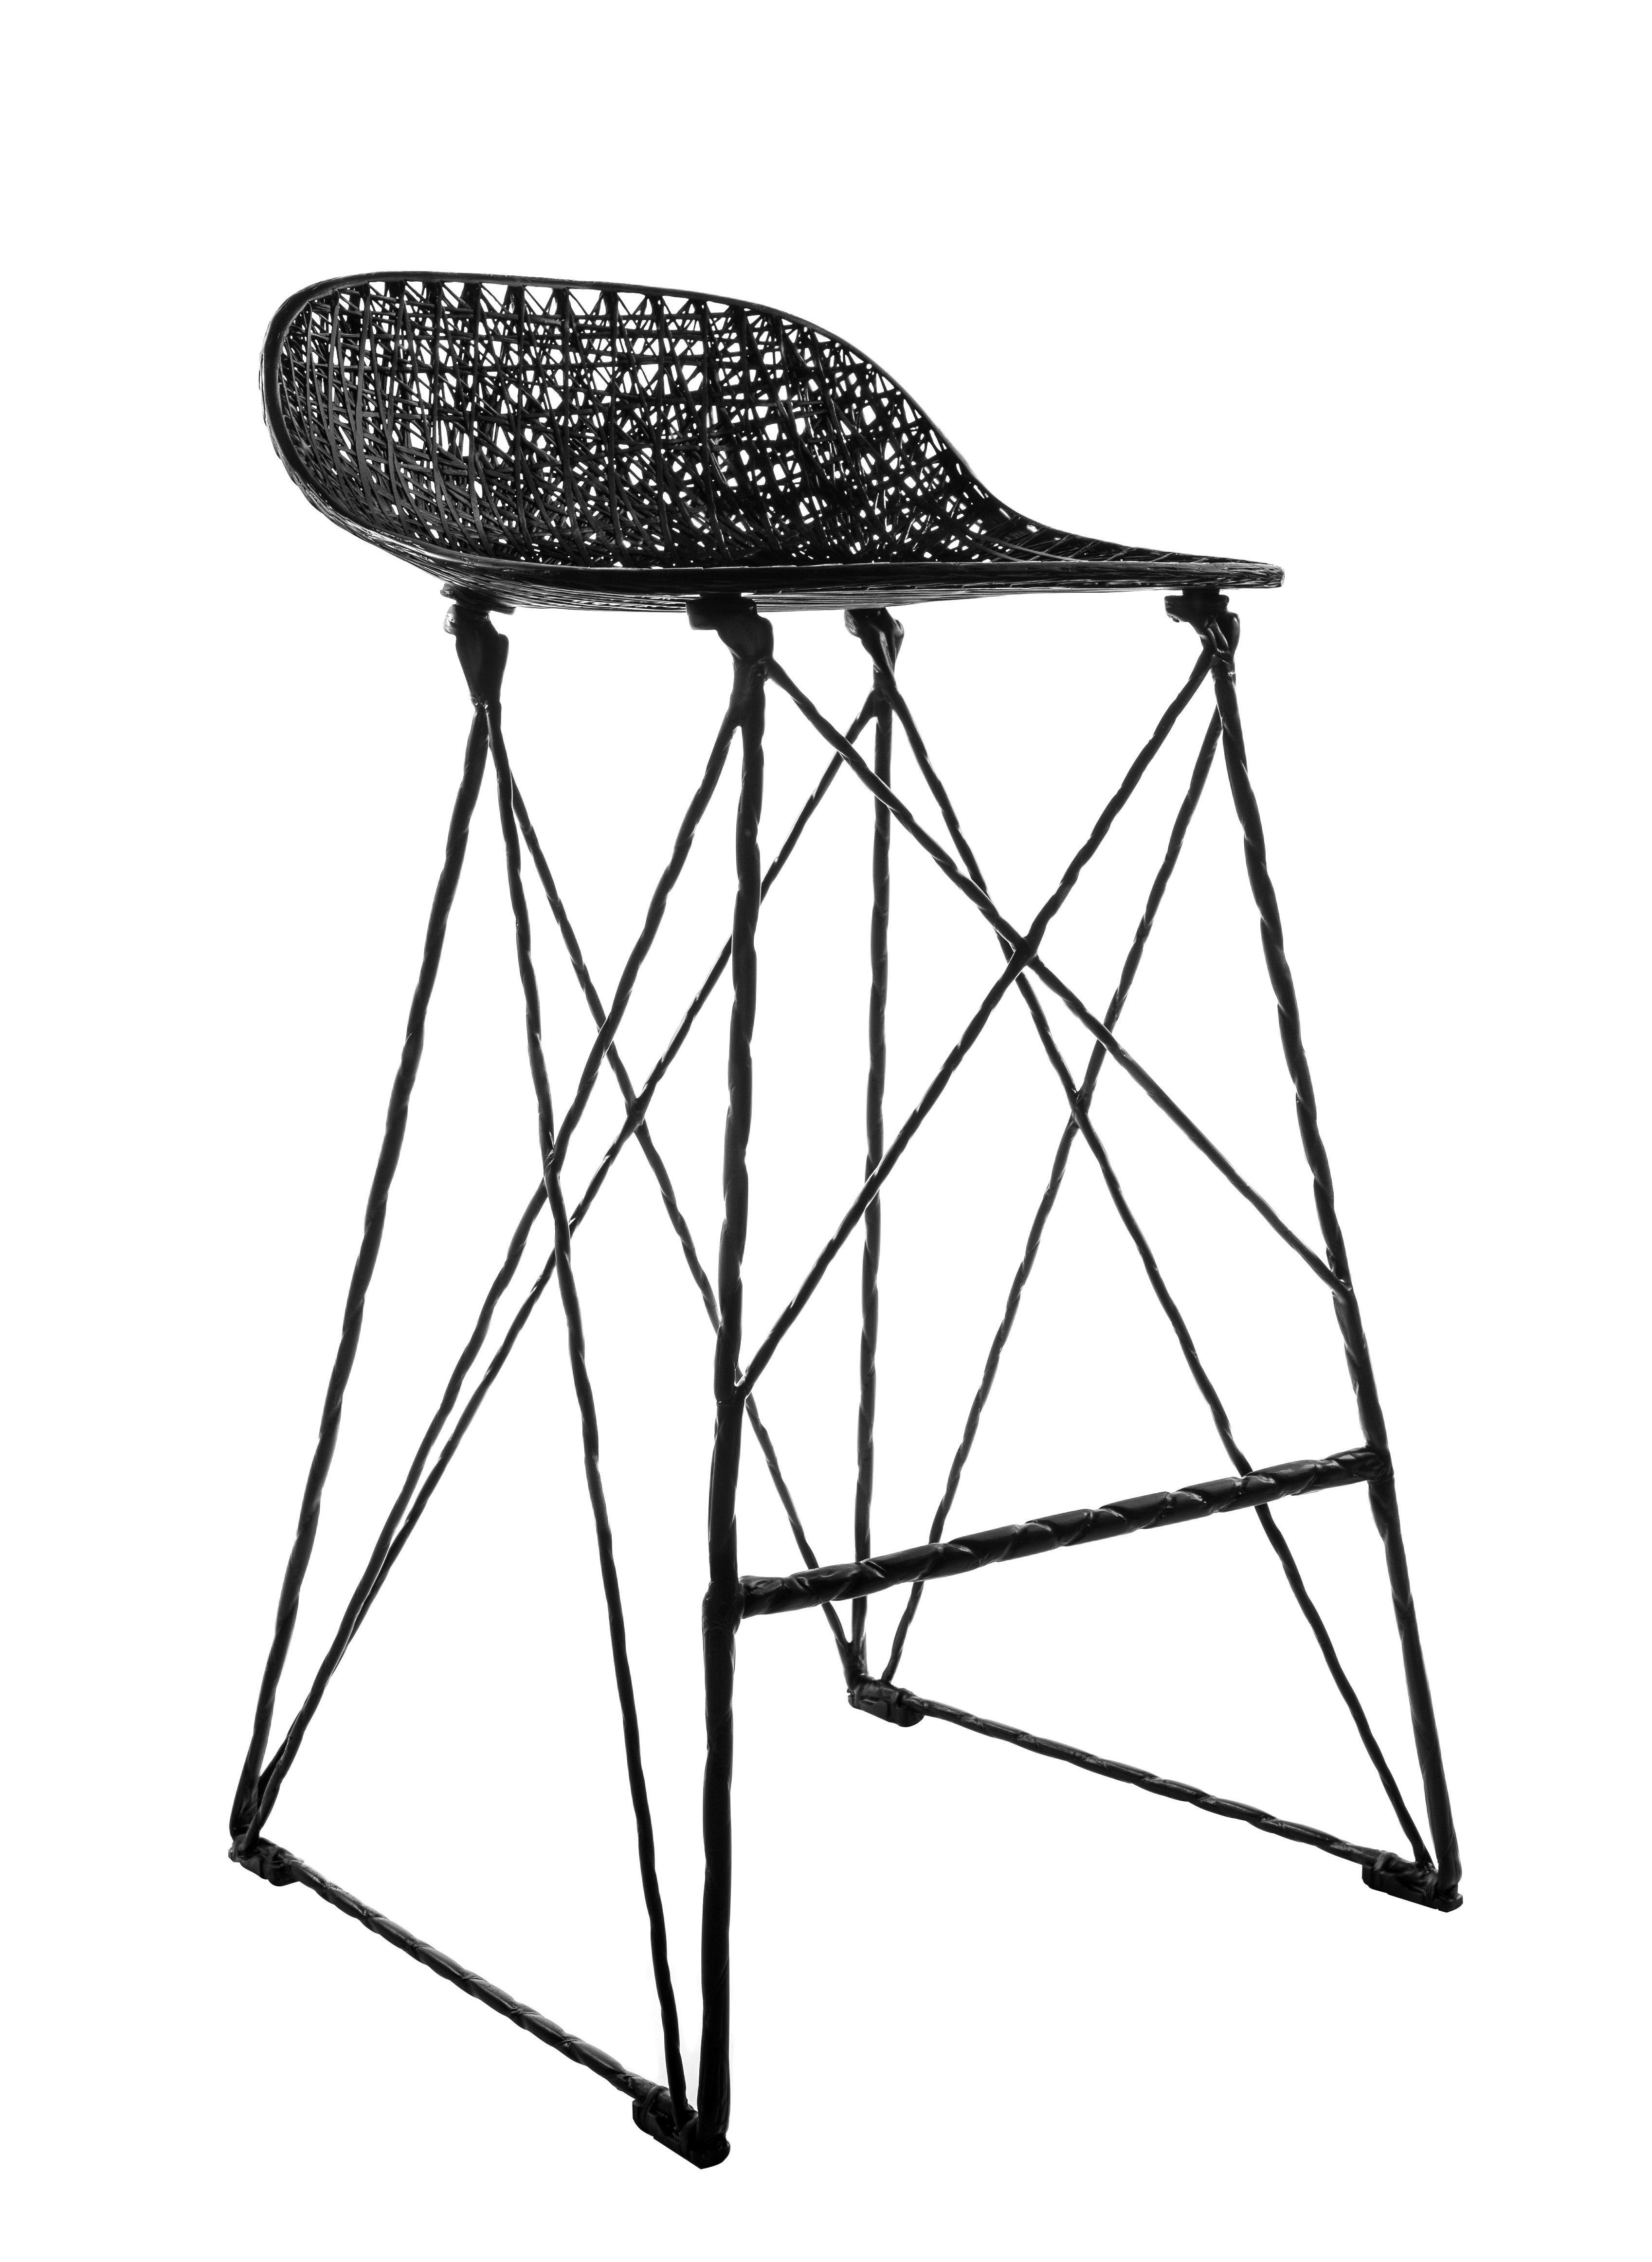 tabouret haut carbon outdoor h 66 cm fibre de carbone moooi tabouret pinterest stool. Black Bedroom Furniture Sets. Home Design Ideas